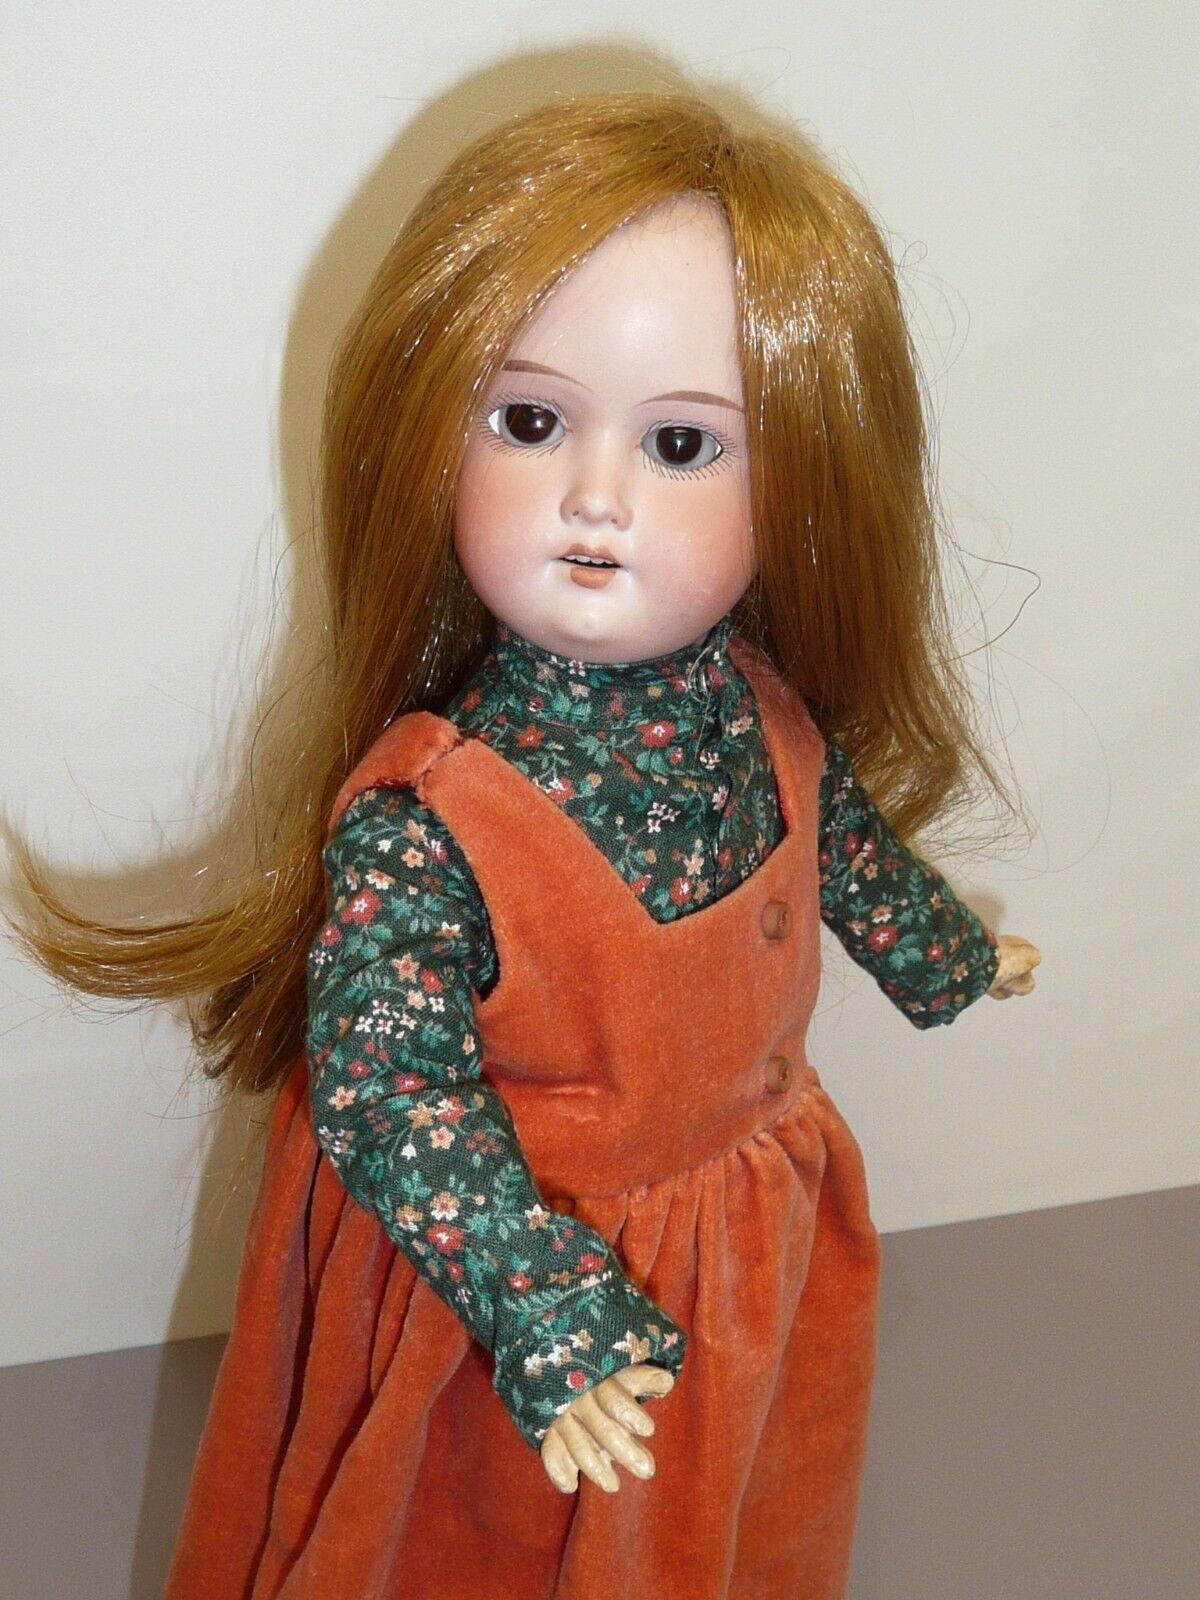 15.5  Antiguo A&M 390 alemán Muñeca con ojos marróns fijos, cuerpo articulado